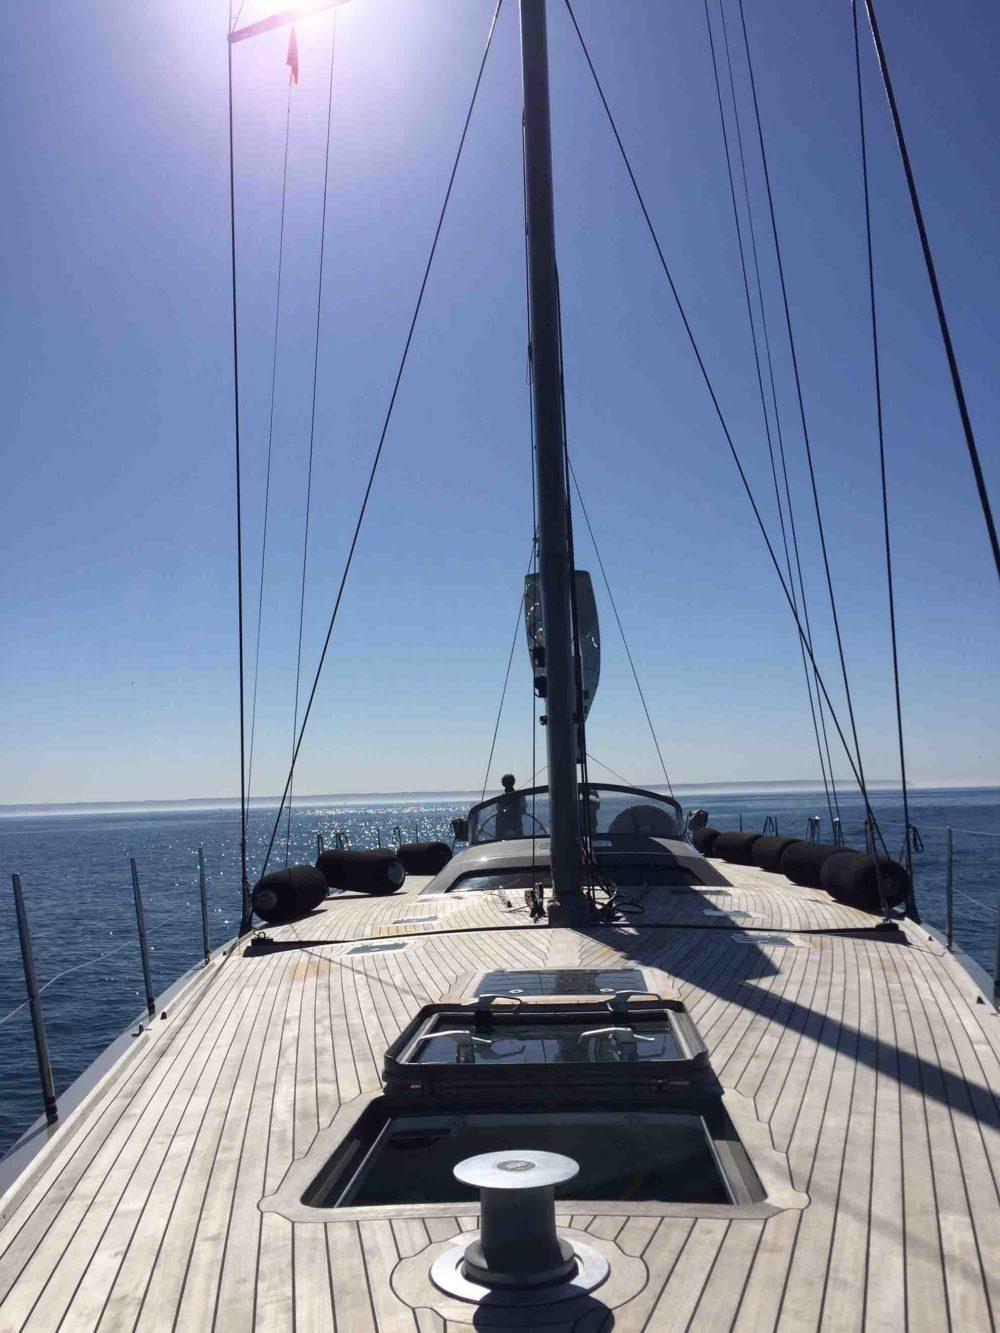 Reparación motores barco Mallorca | Waterline Boat